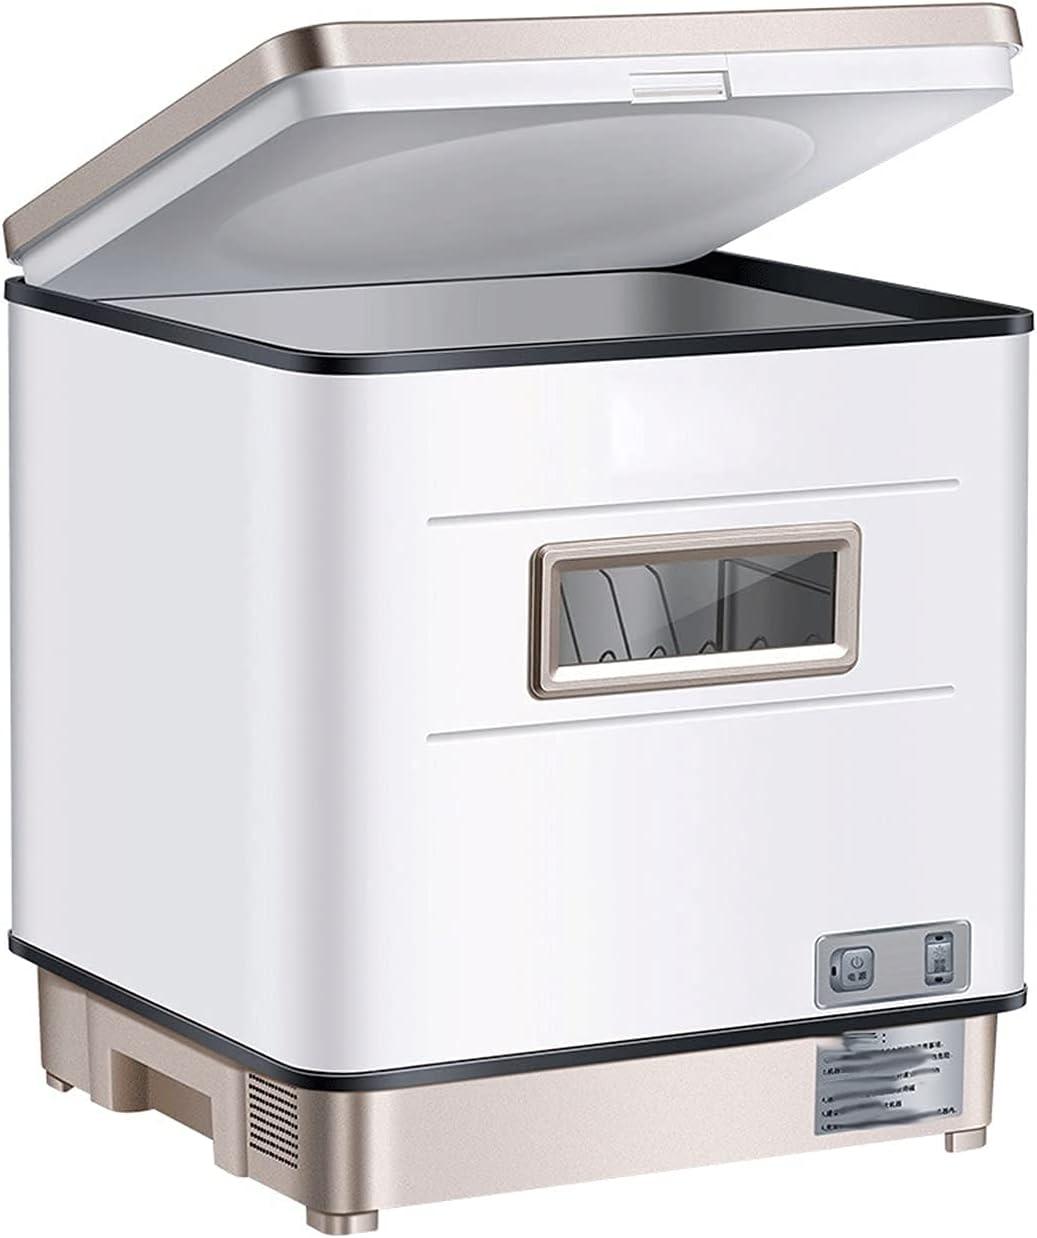 MOSHUO Lavavajillas, lavavajillas Compacto de encimera, 5 programas de Lavado, lavavajillas de encimera portátil para Oficina de apartamento y Cocina doméstica